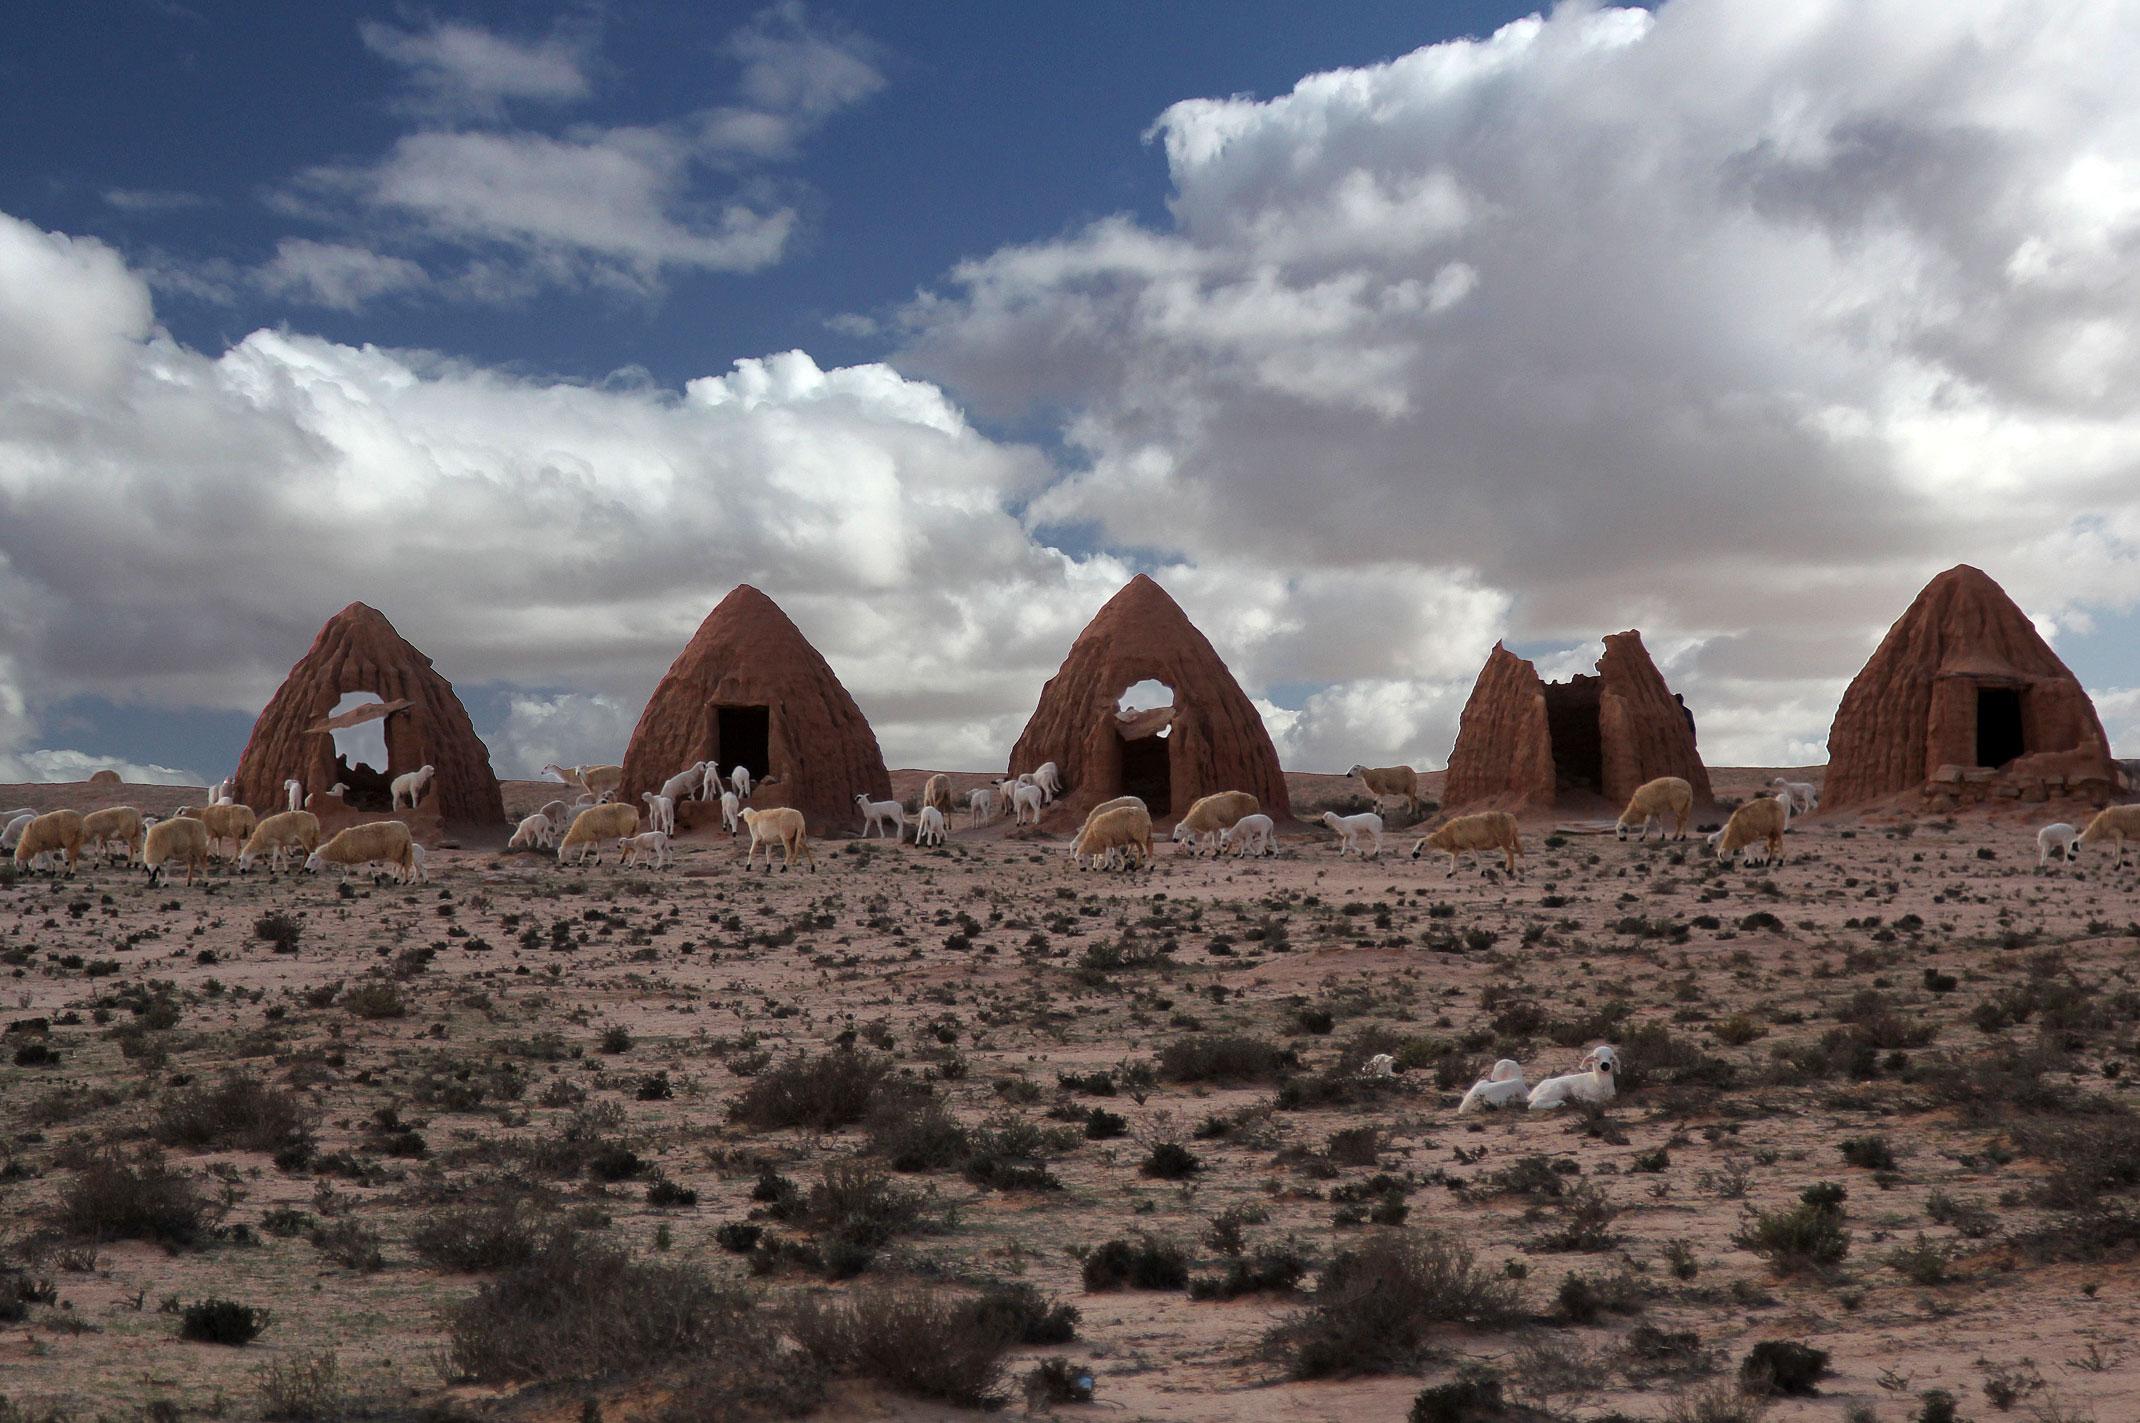 Maroko.Abteh.Osada zlożona z małych glinianych domków,wyglądająca jak sceneria do Gwiezdnych Wojen.